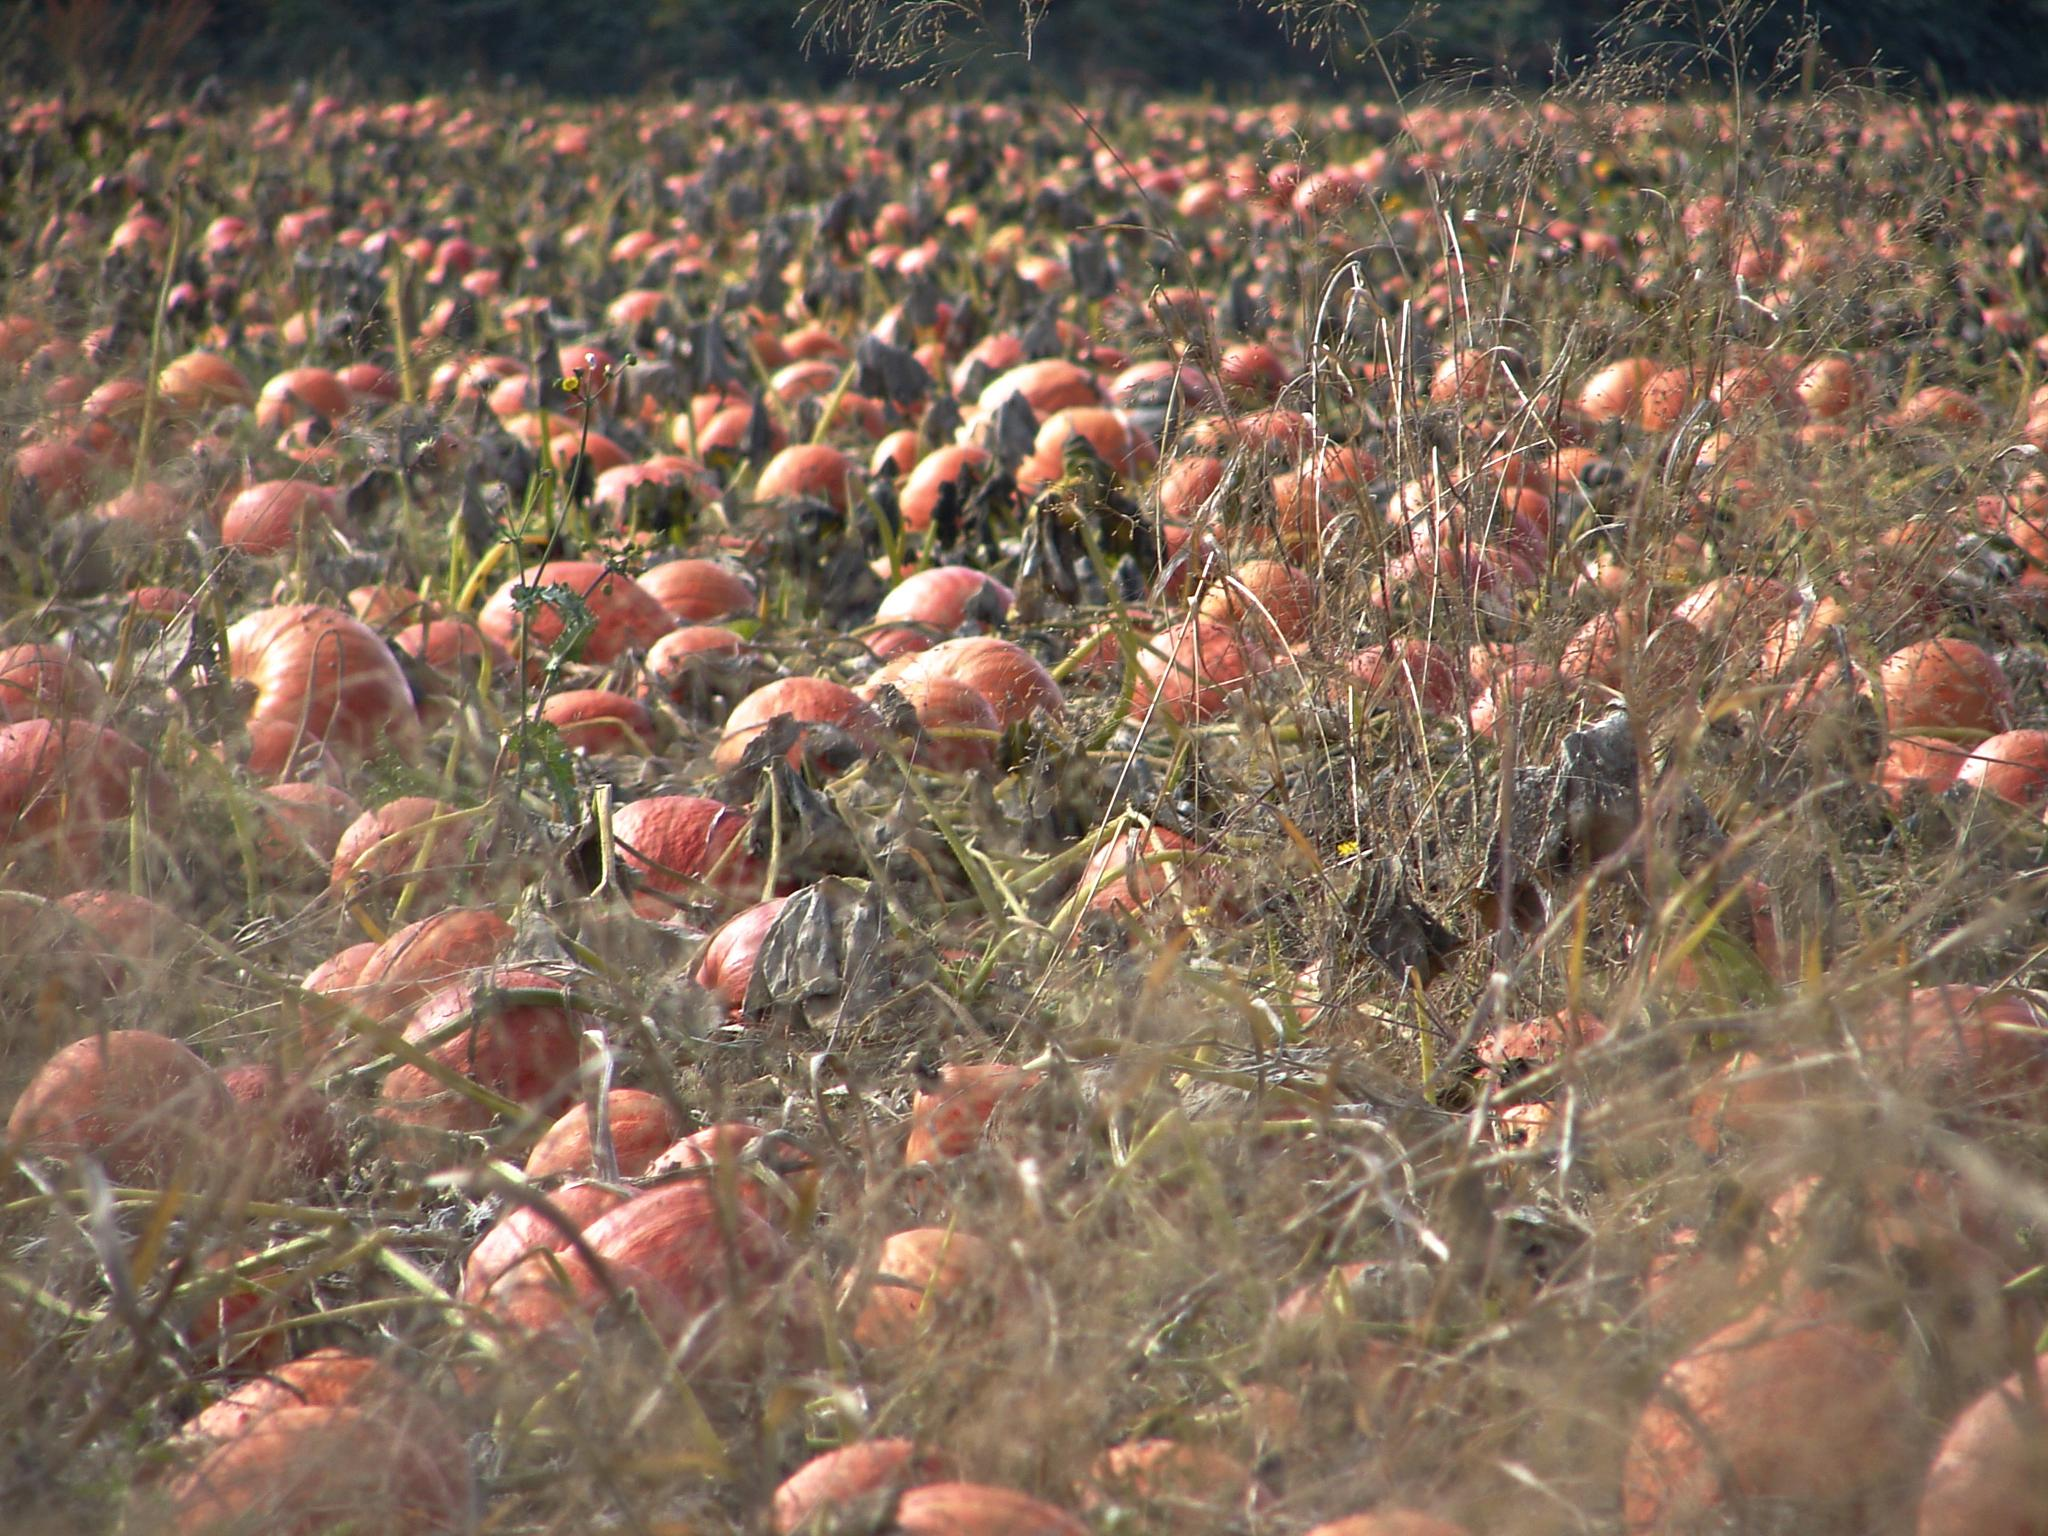 Pumpkin Field 1 by MelanieAnnePhillips